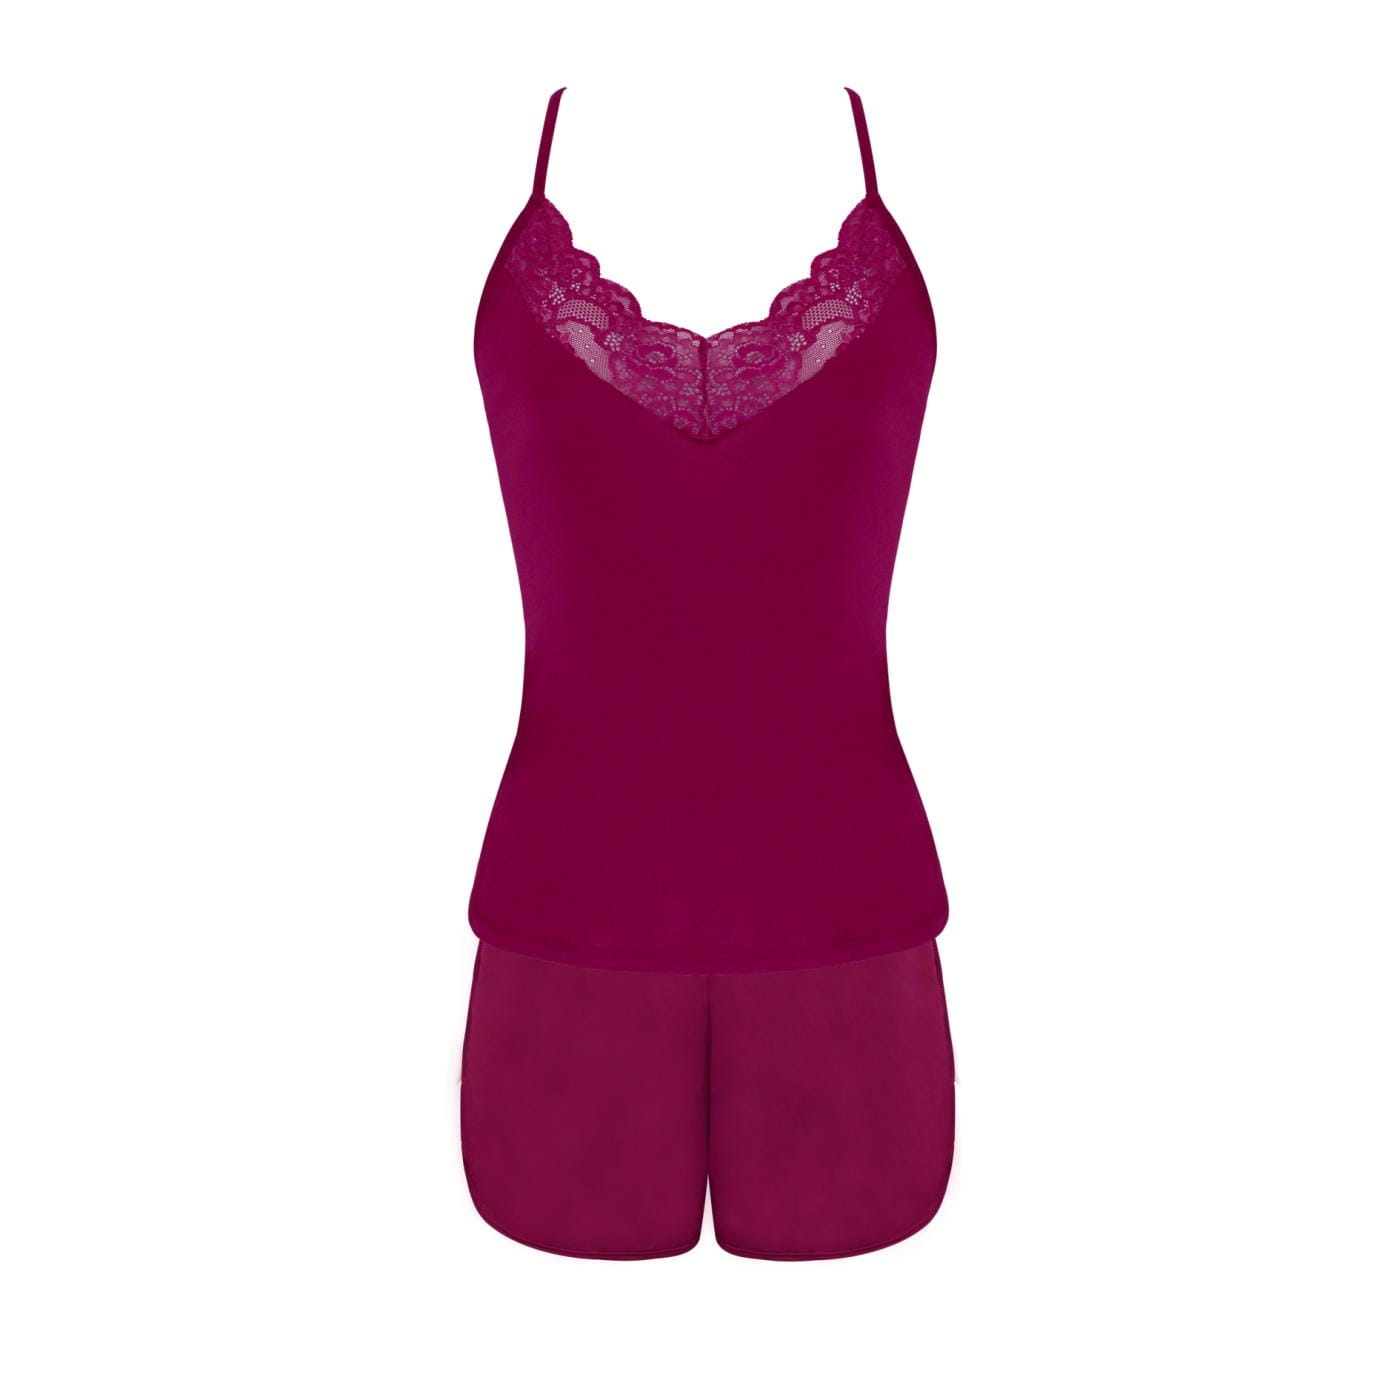 Shortdoll em liganete e renda - Coleção Sleepwear